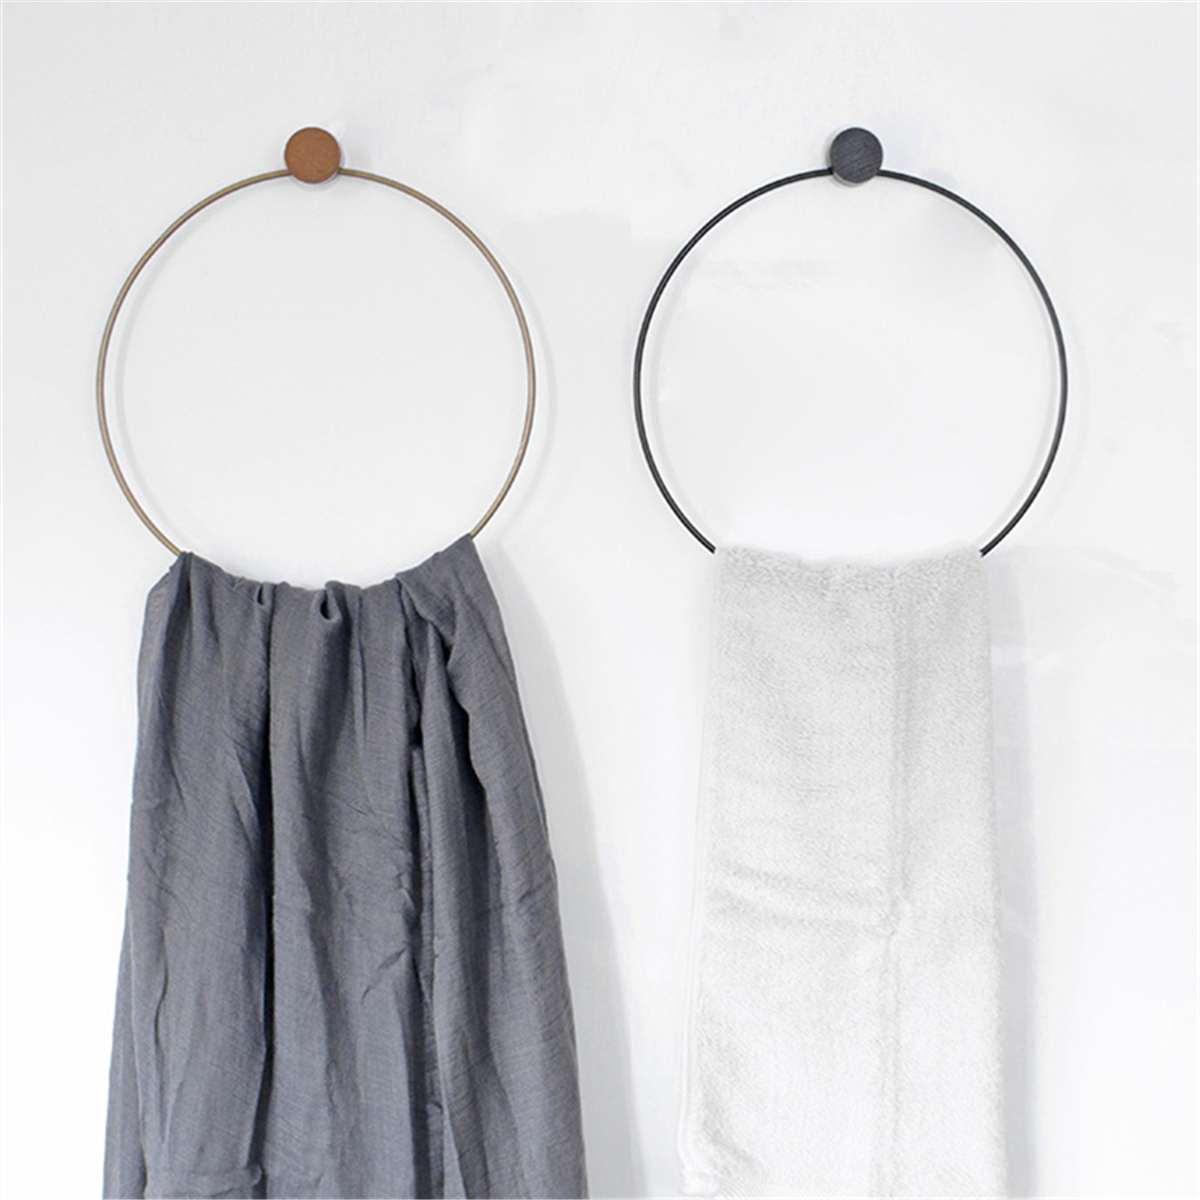 Toallero nórdico Simple para baño, soporte decorativo redondo para colgar anillas, estantería de madera de hierro para instalación sin rastro, toallero de 2 colores